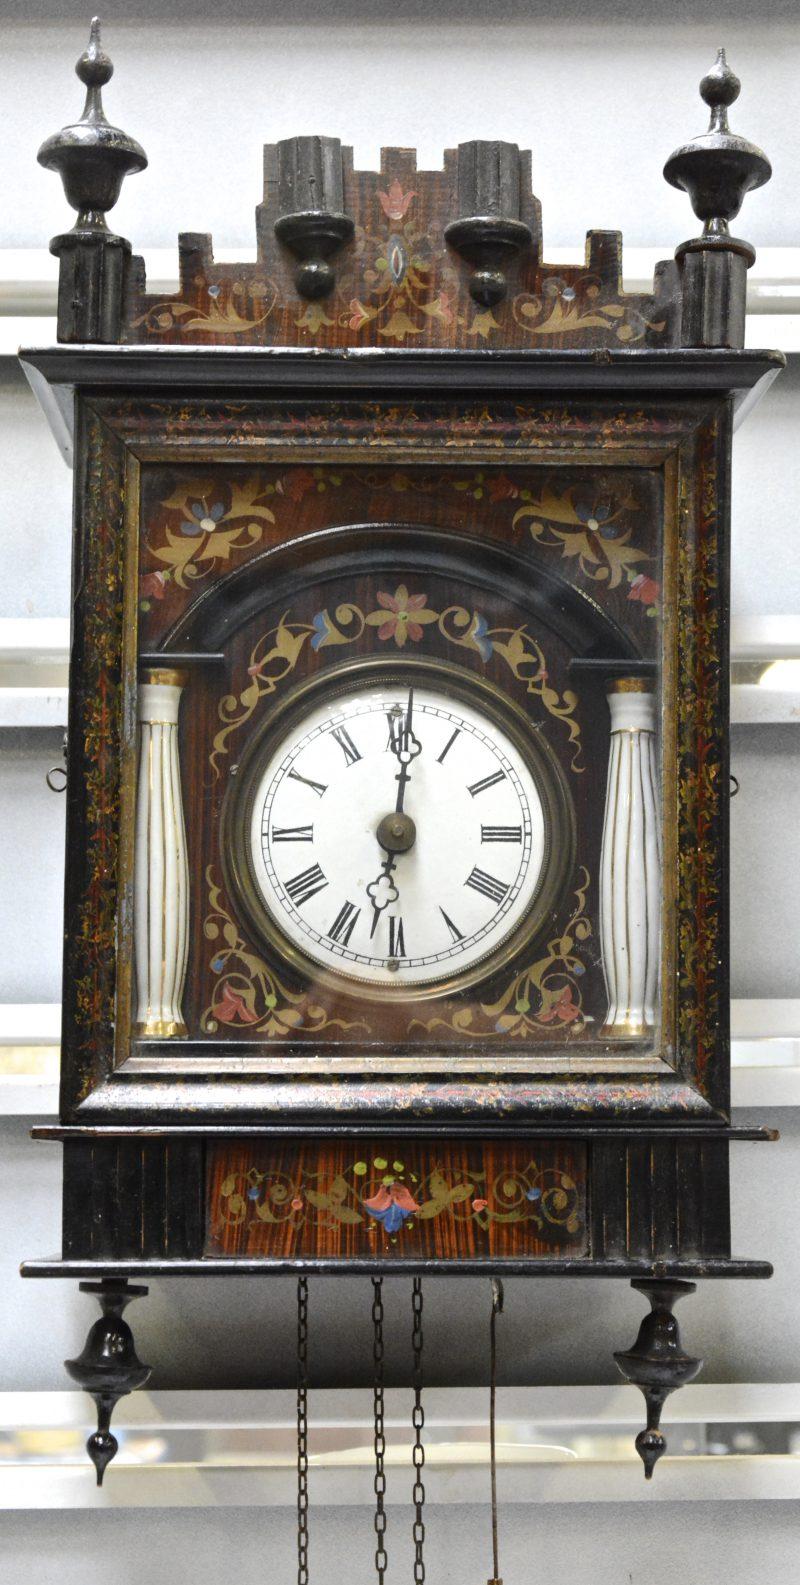 Een klokje van gepolychromeerd hout met een geëmailleerde wijzerplaat, geflankeerd door twee porseleinen zuiltjes. Met gewicht en slinger.